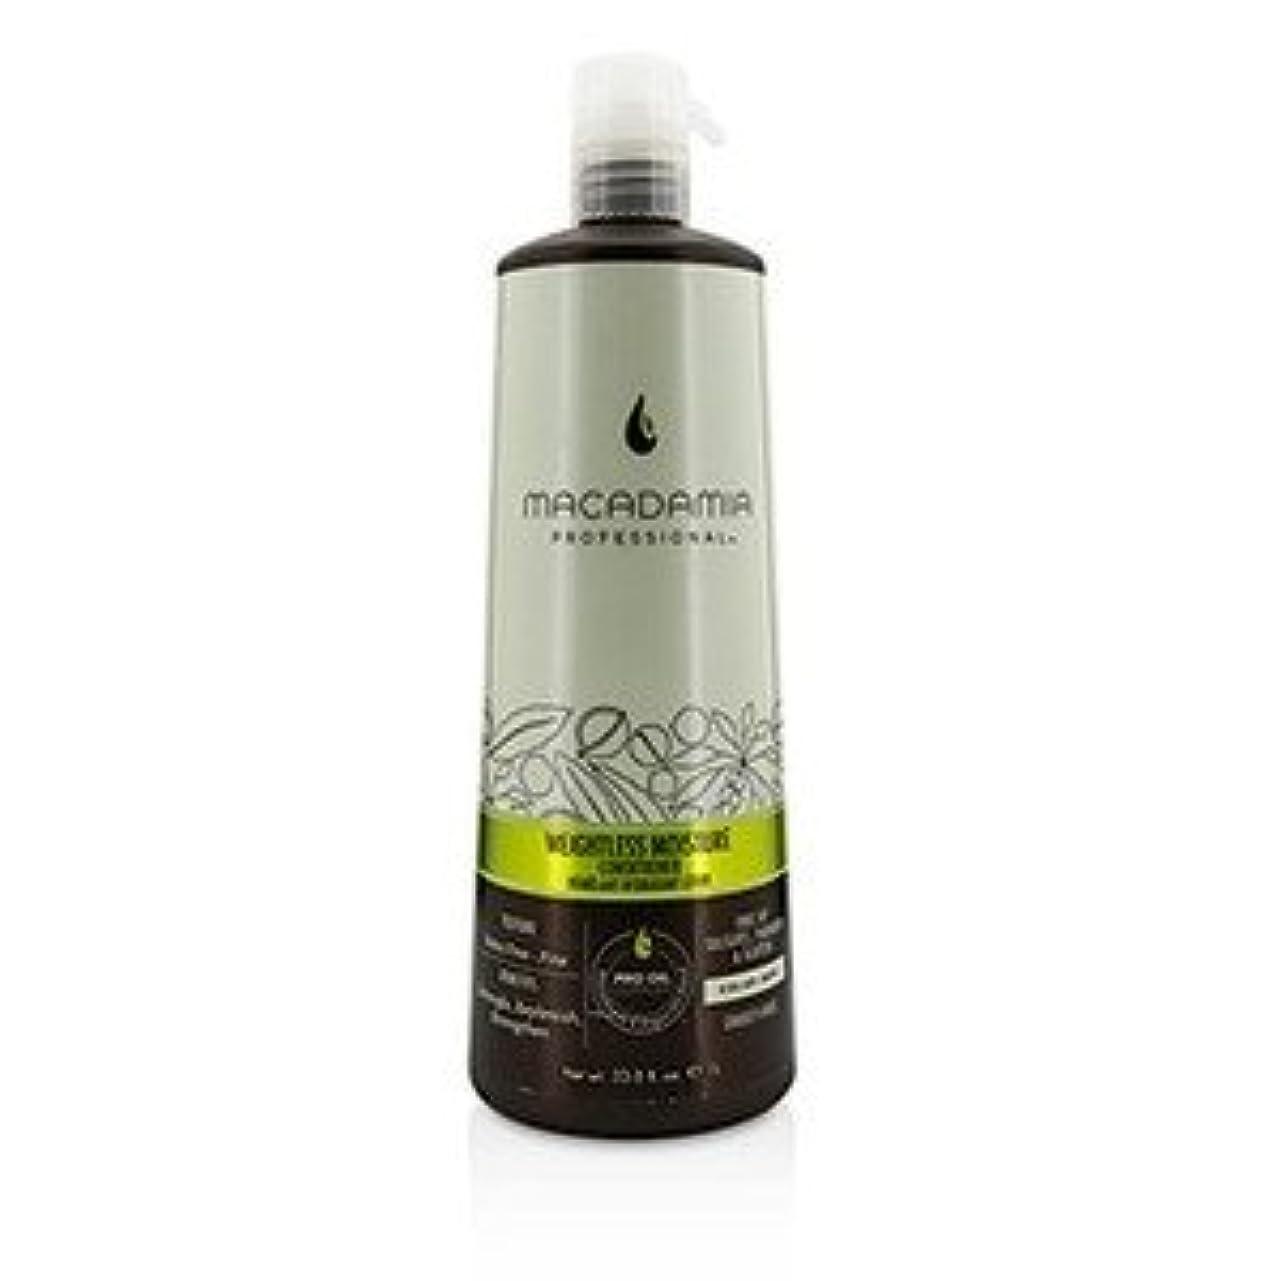 マカダミア ナチュラルオイル(Macadamia NATURAL OIL) プロフェッショナル ウェイトレス モイスチャー コンディショナー 1000ml/33.8oz [並行輸入品]